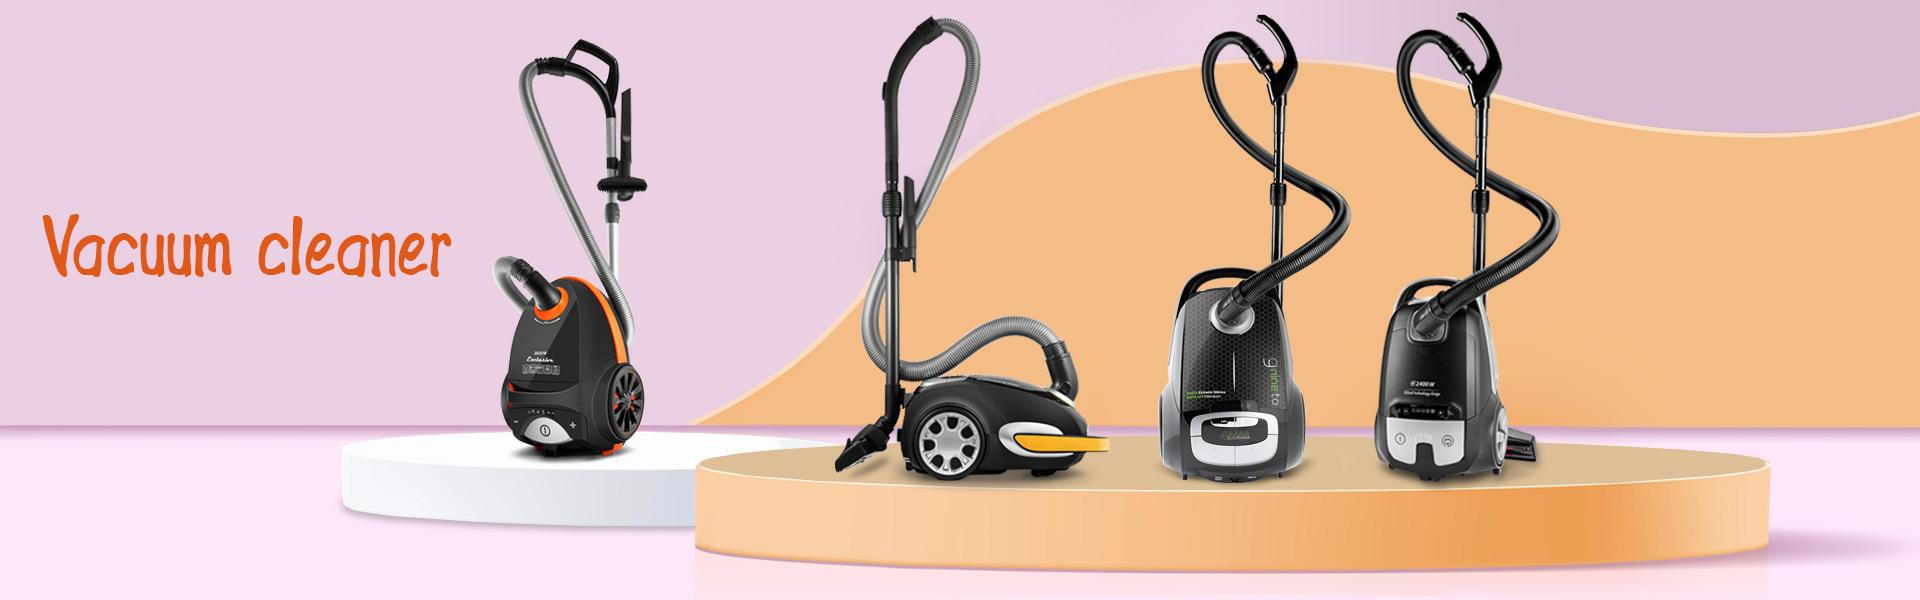 vacuum cleaner assortment